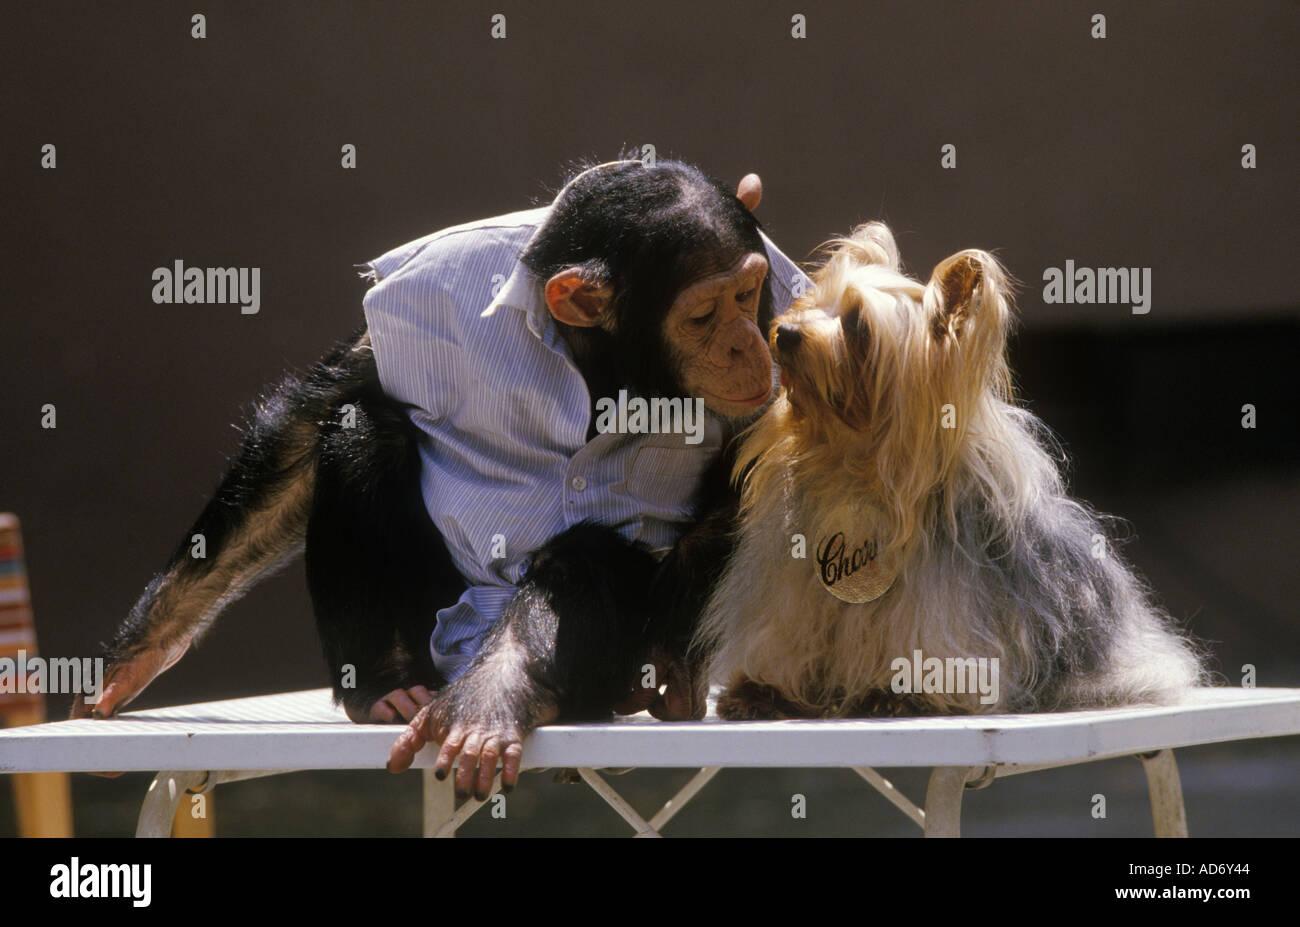 Brook Bond the advert Roma. L'Italia. Gli scimpanzé Sally plus cane 1988 HOMER SYKES Immagini Stock